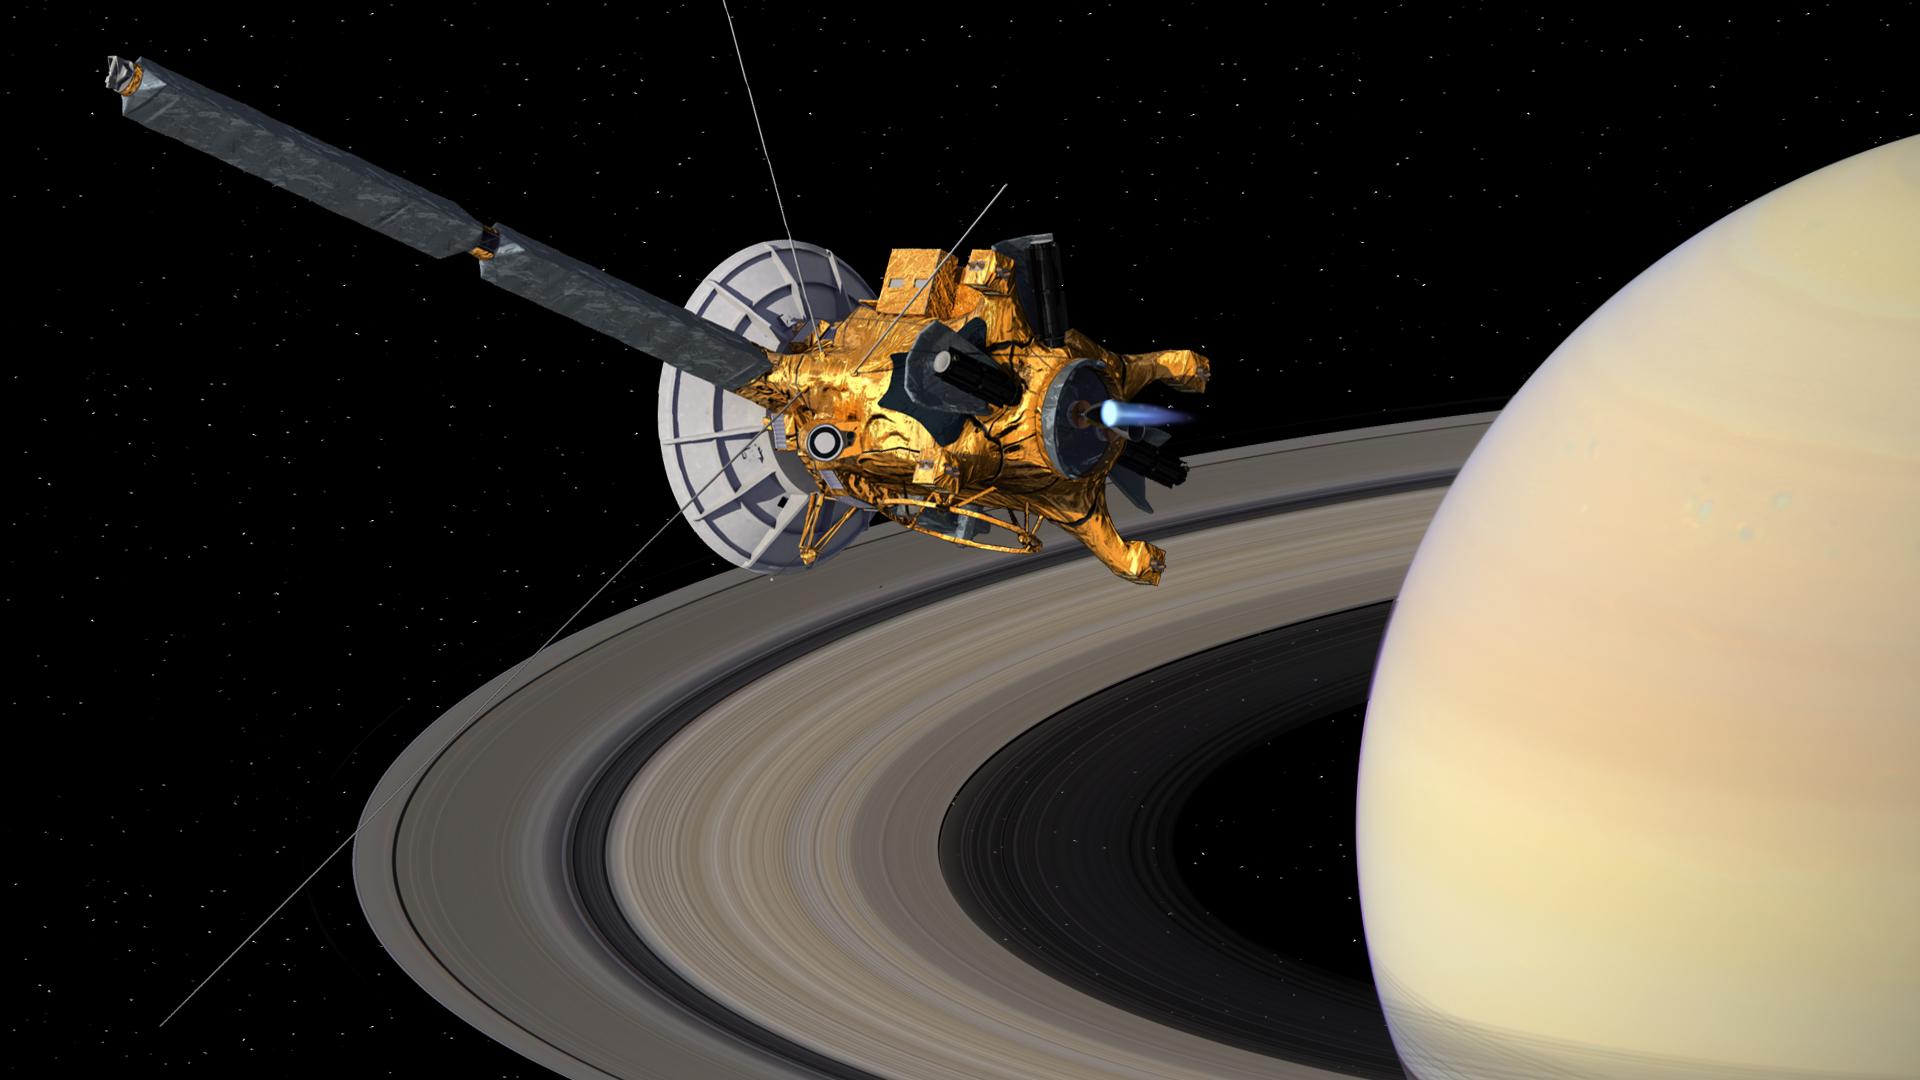 унитазы славятся кассини гюйгенс фото сатурна модель смогла стать